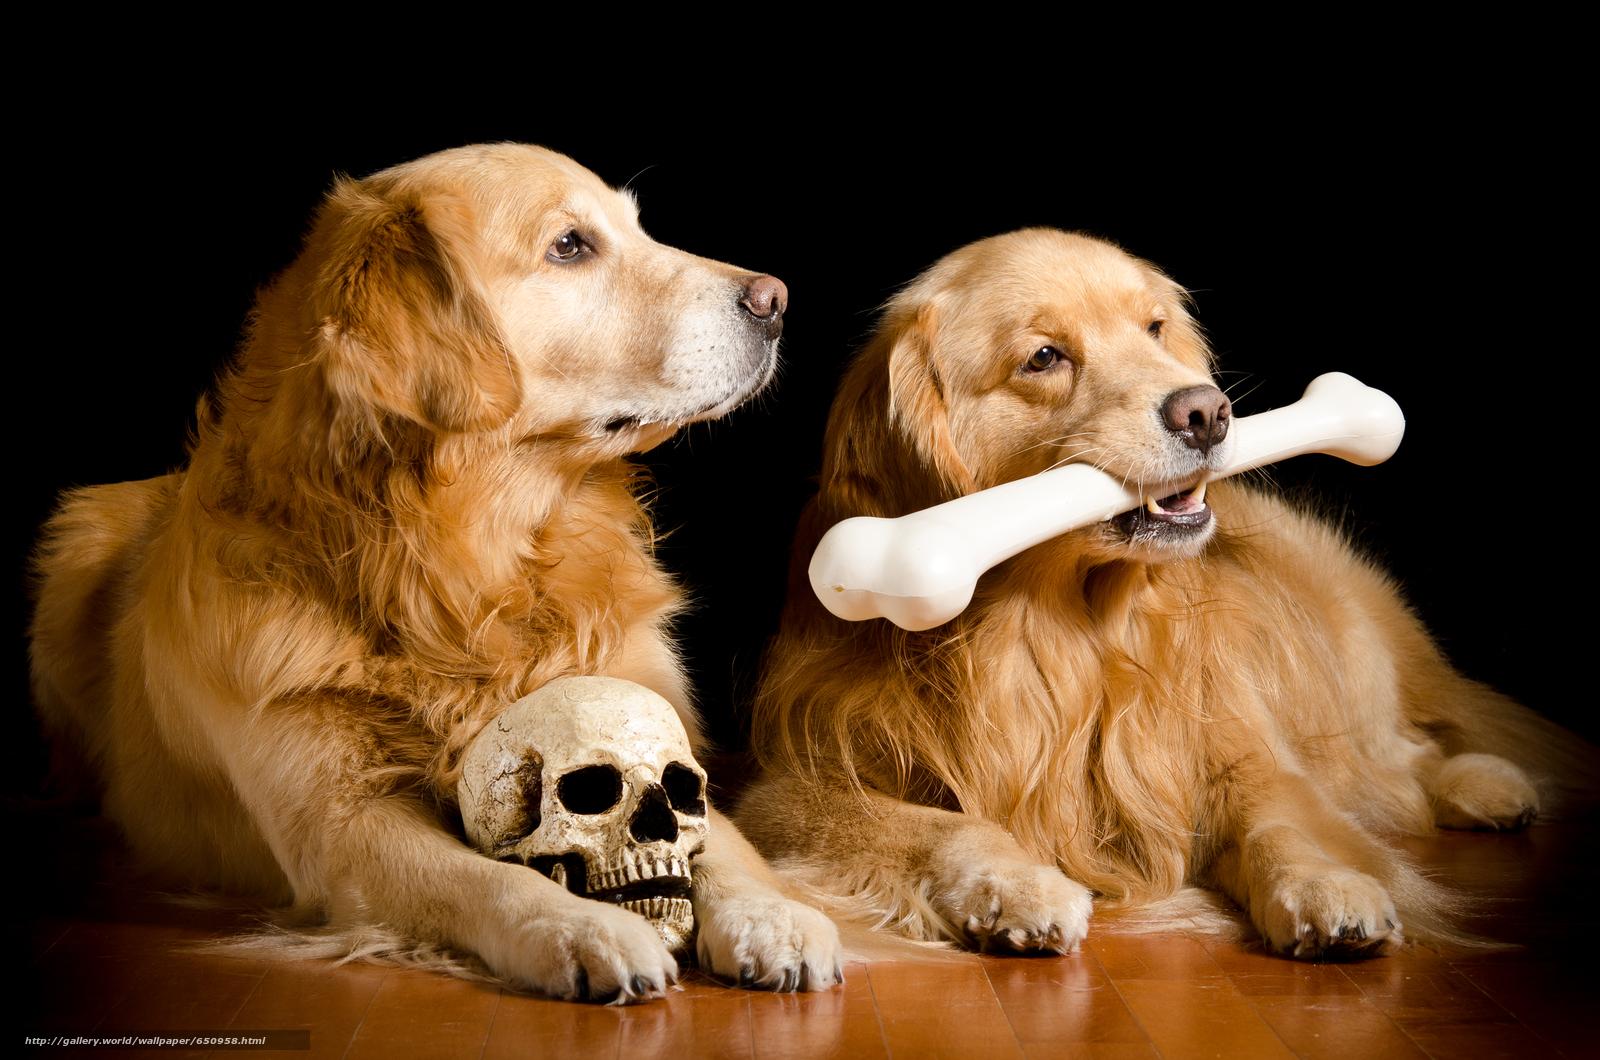 tlcharger fond d 39 ecran labrador beau chien chien dr le de chien fonds d 39 ecran gratuits pour. Black Bedroom Furniture Sets. Home Design Ideas